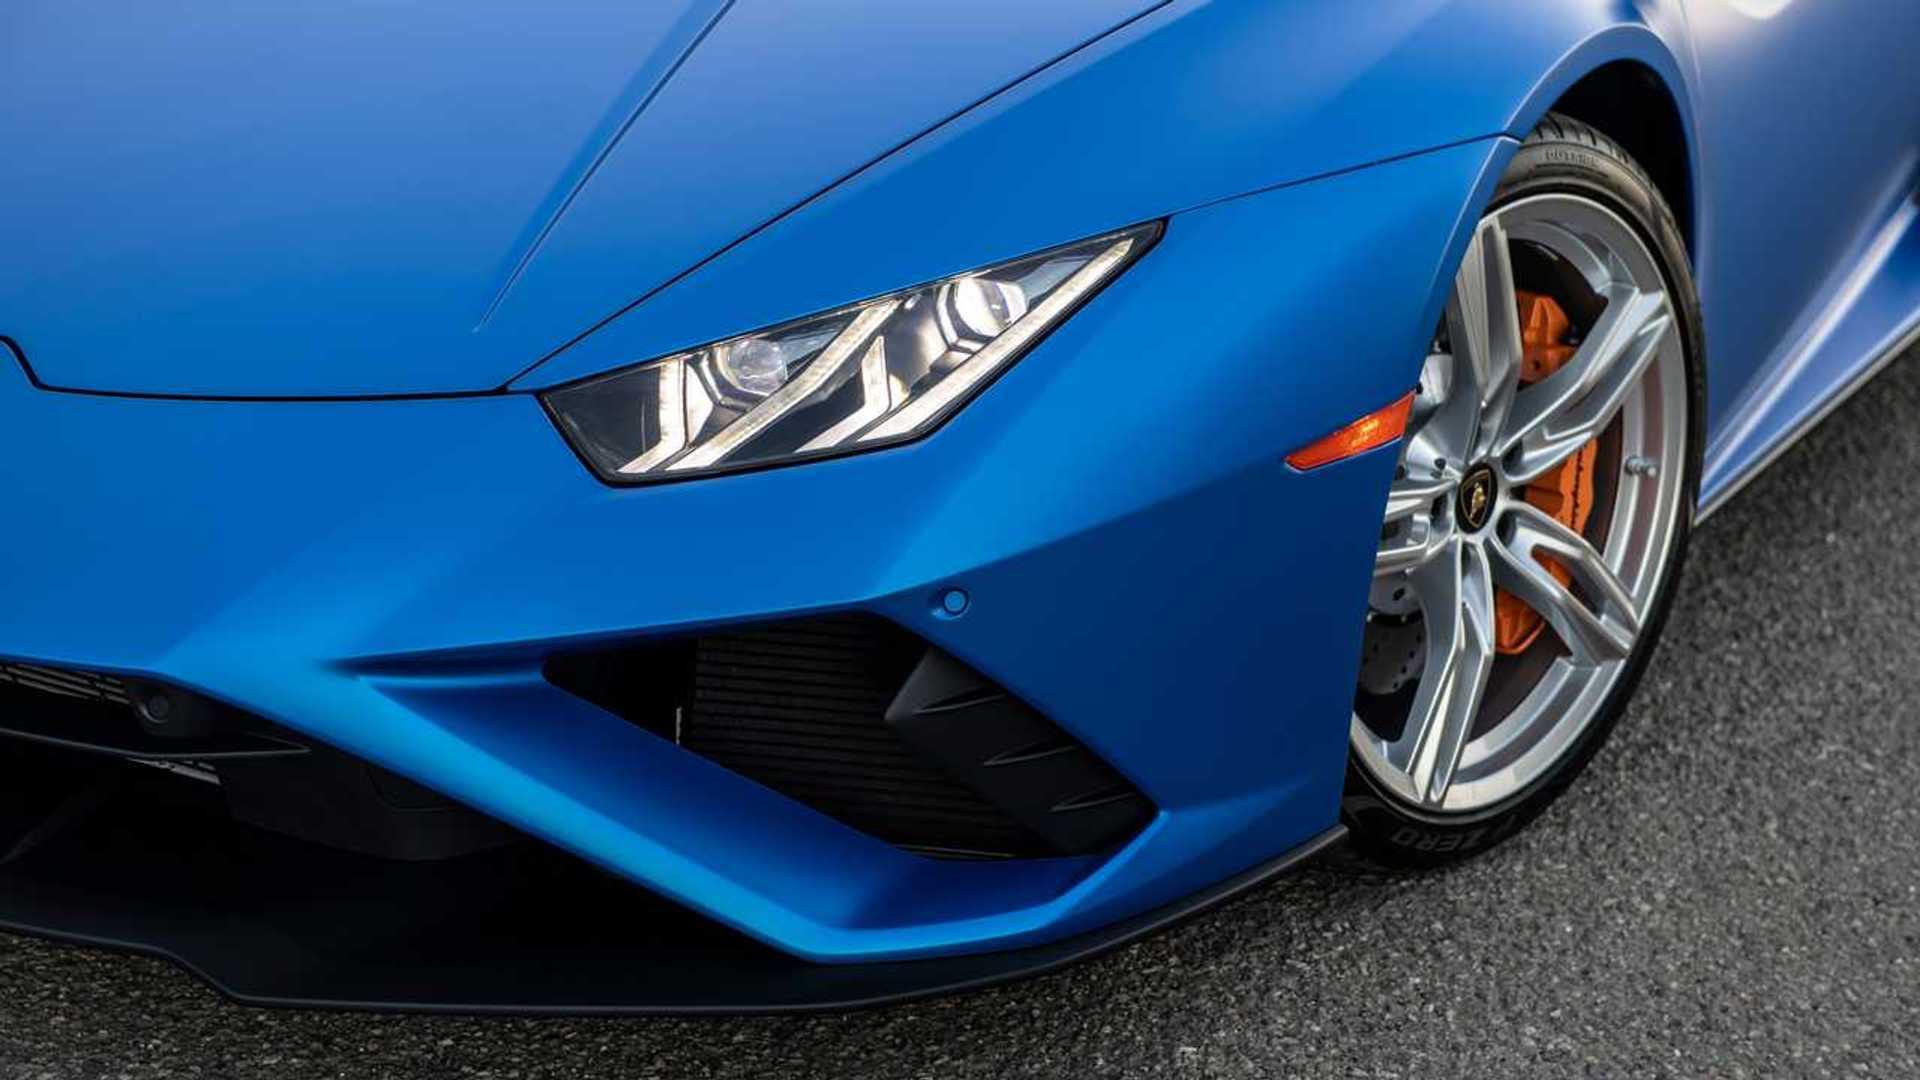 2020 Lamborghini Huracan Evo RWD headlight